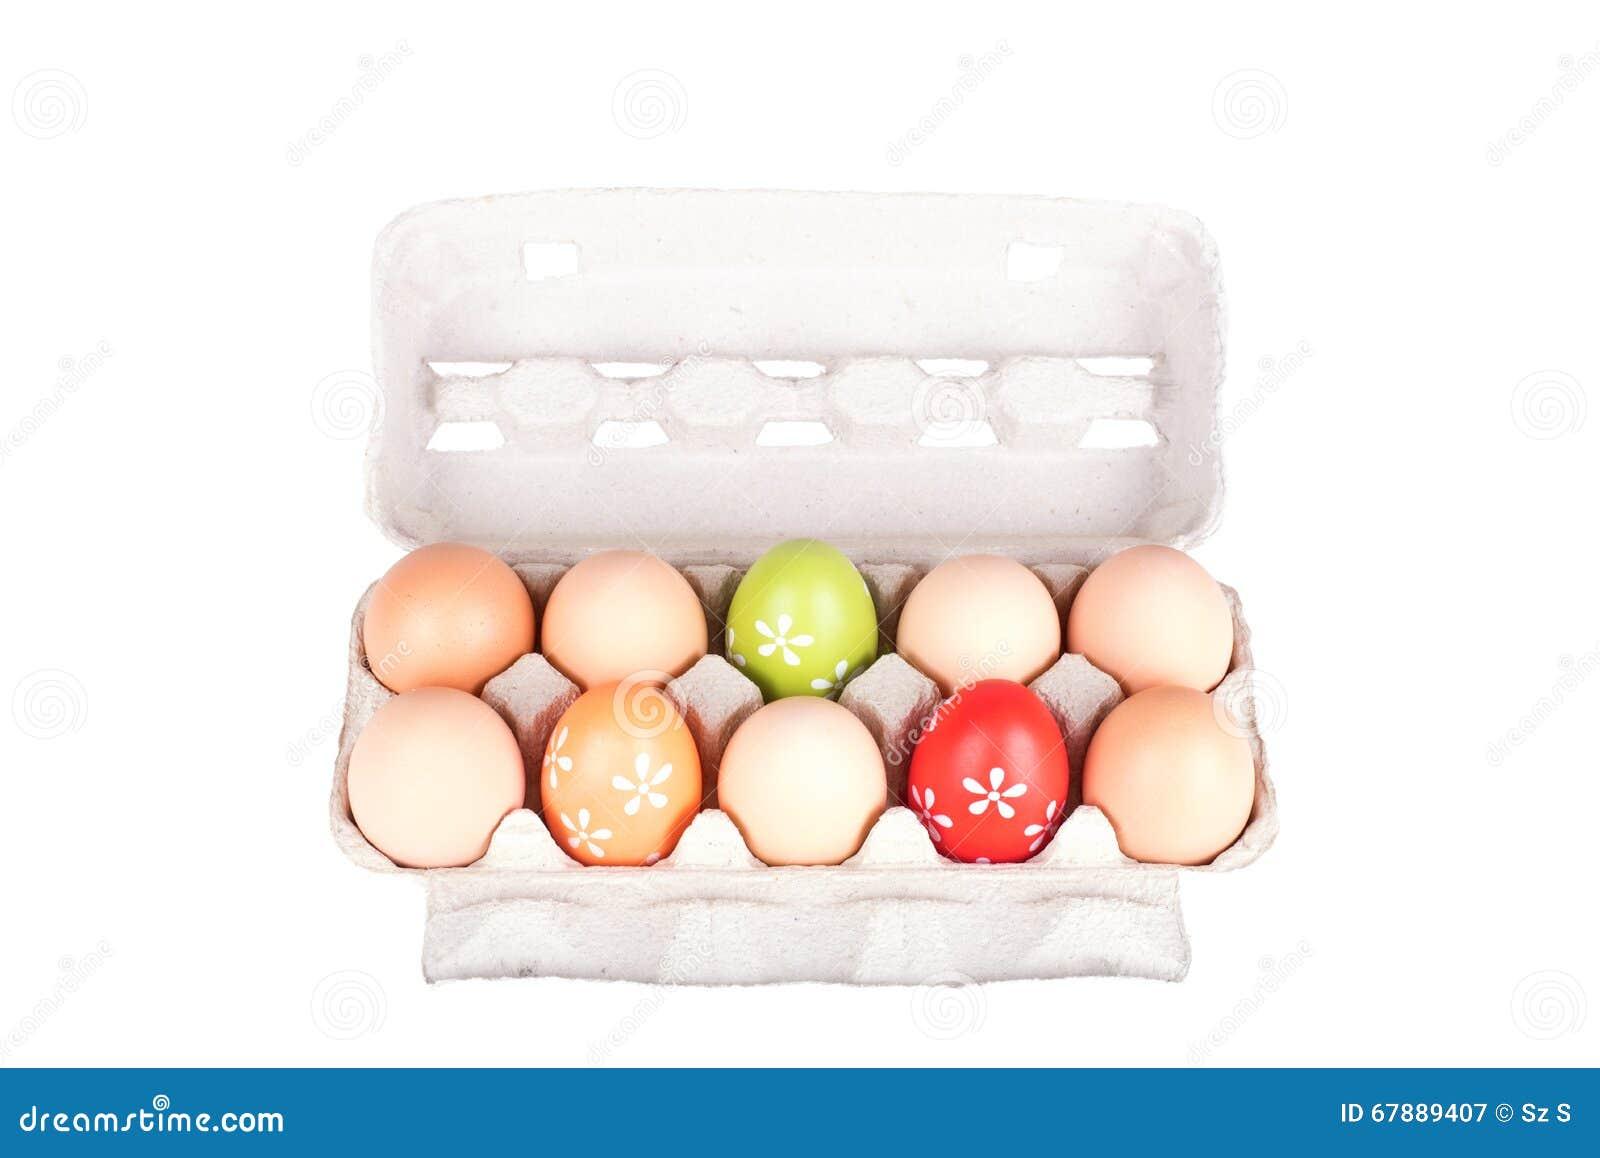 Dez ovos em um pacote da caixa isolado